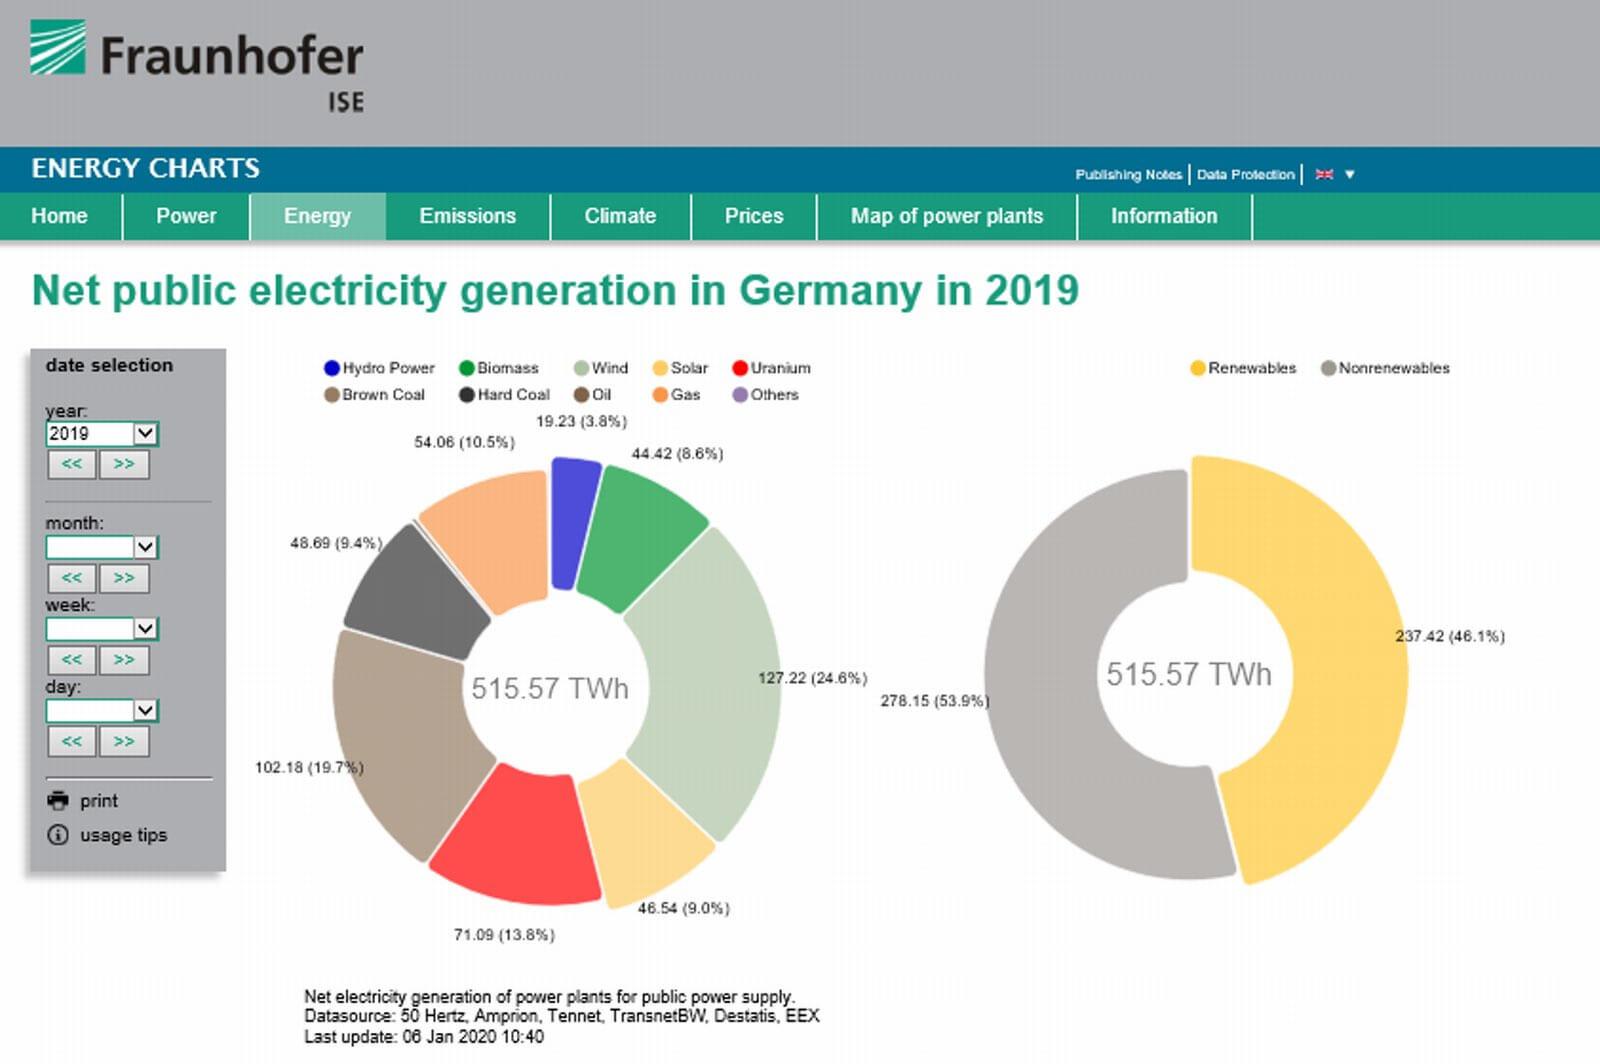 Fraunhofer ISEによる2019年のドイツの発電状況のまとめ